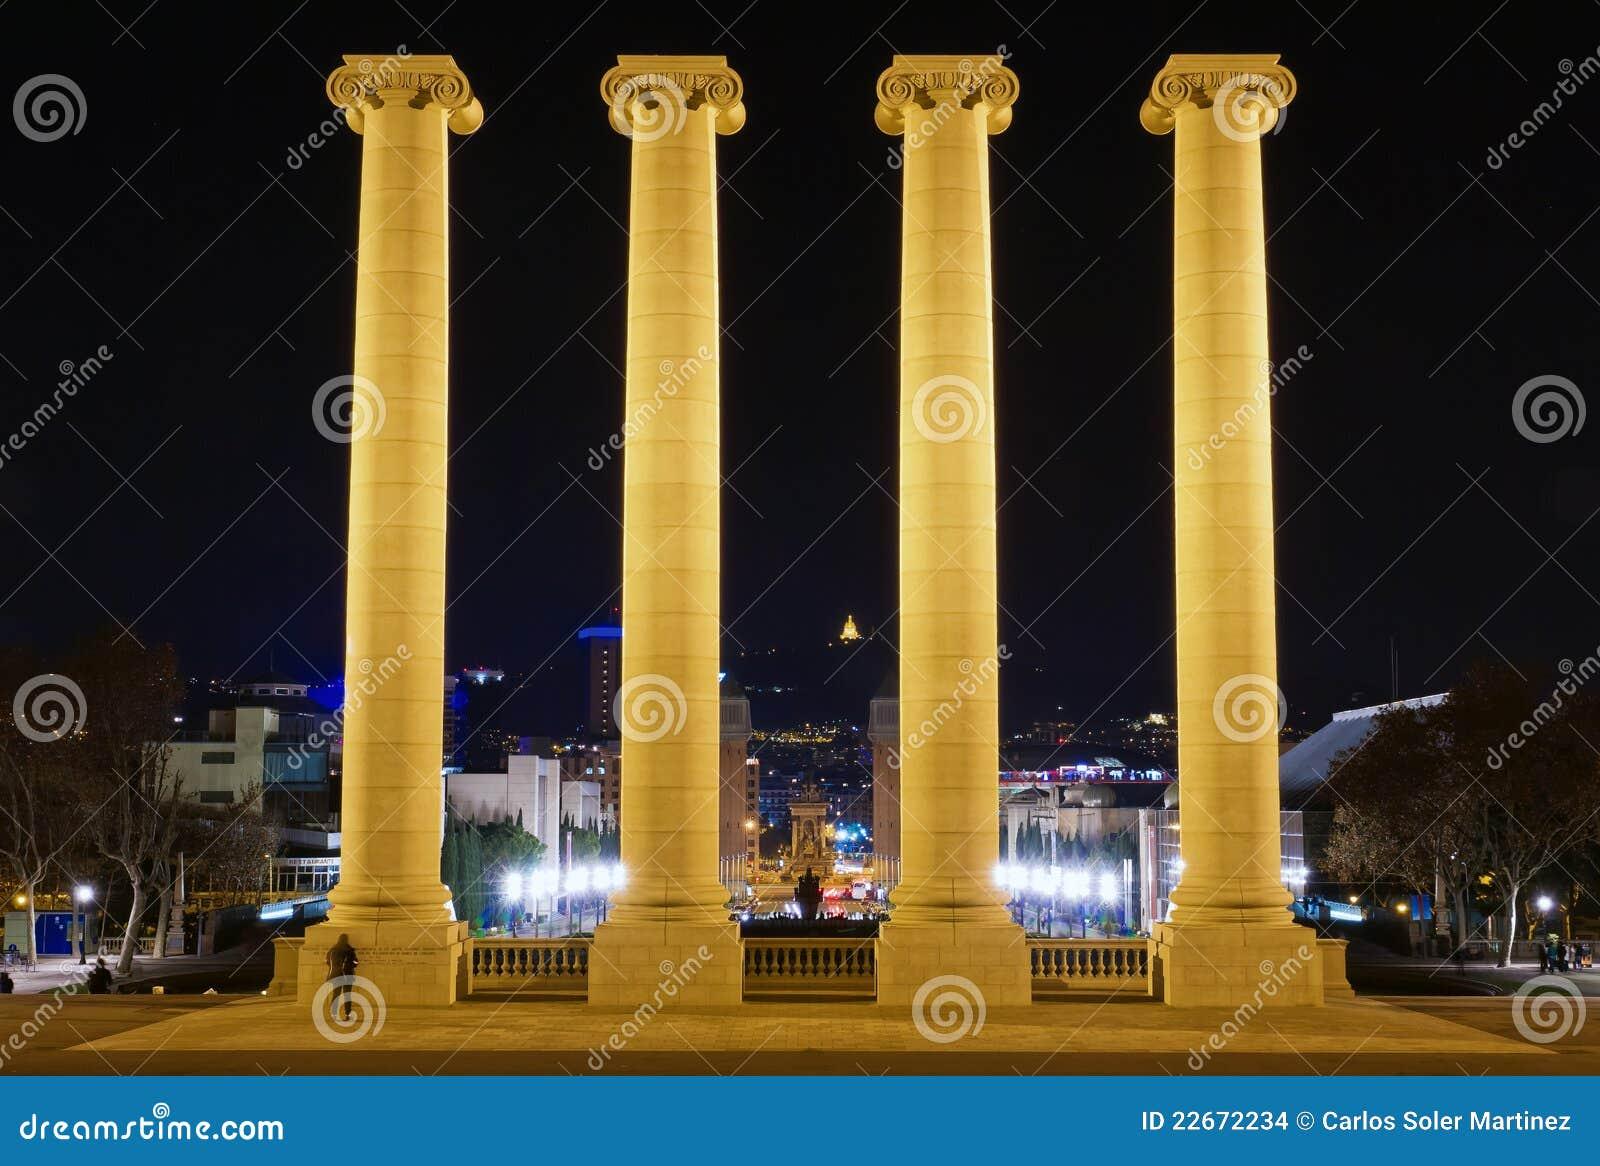 Columns on the Placa De Espanya